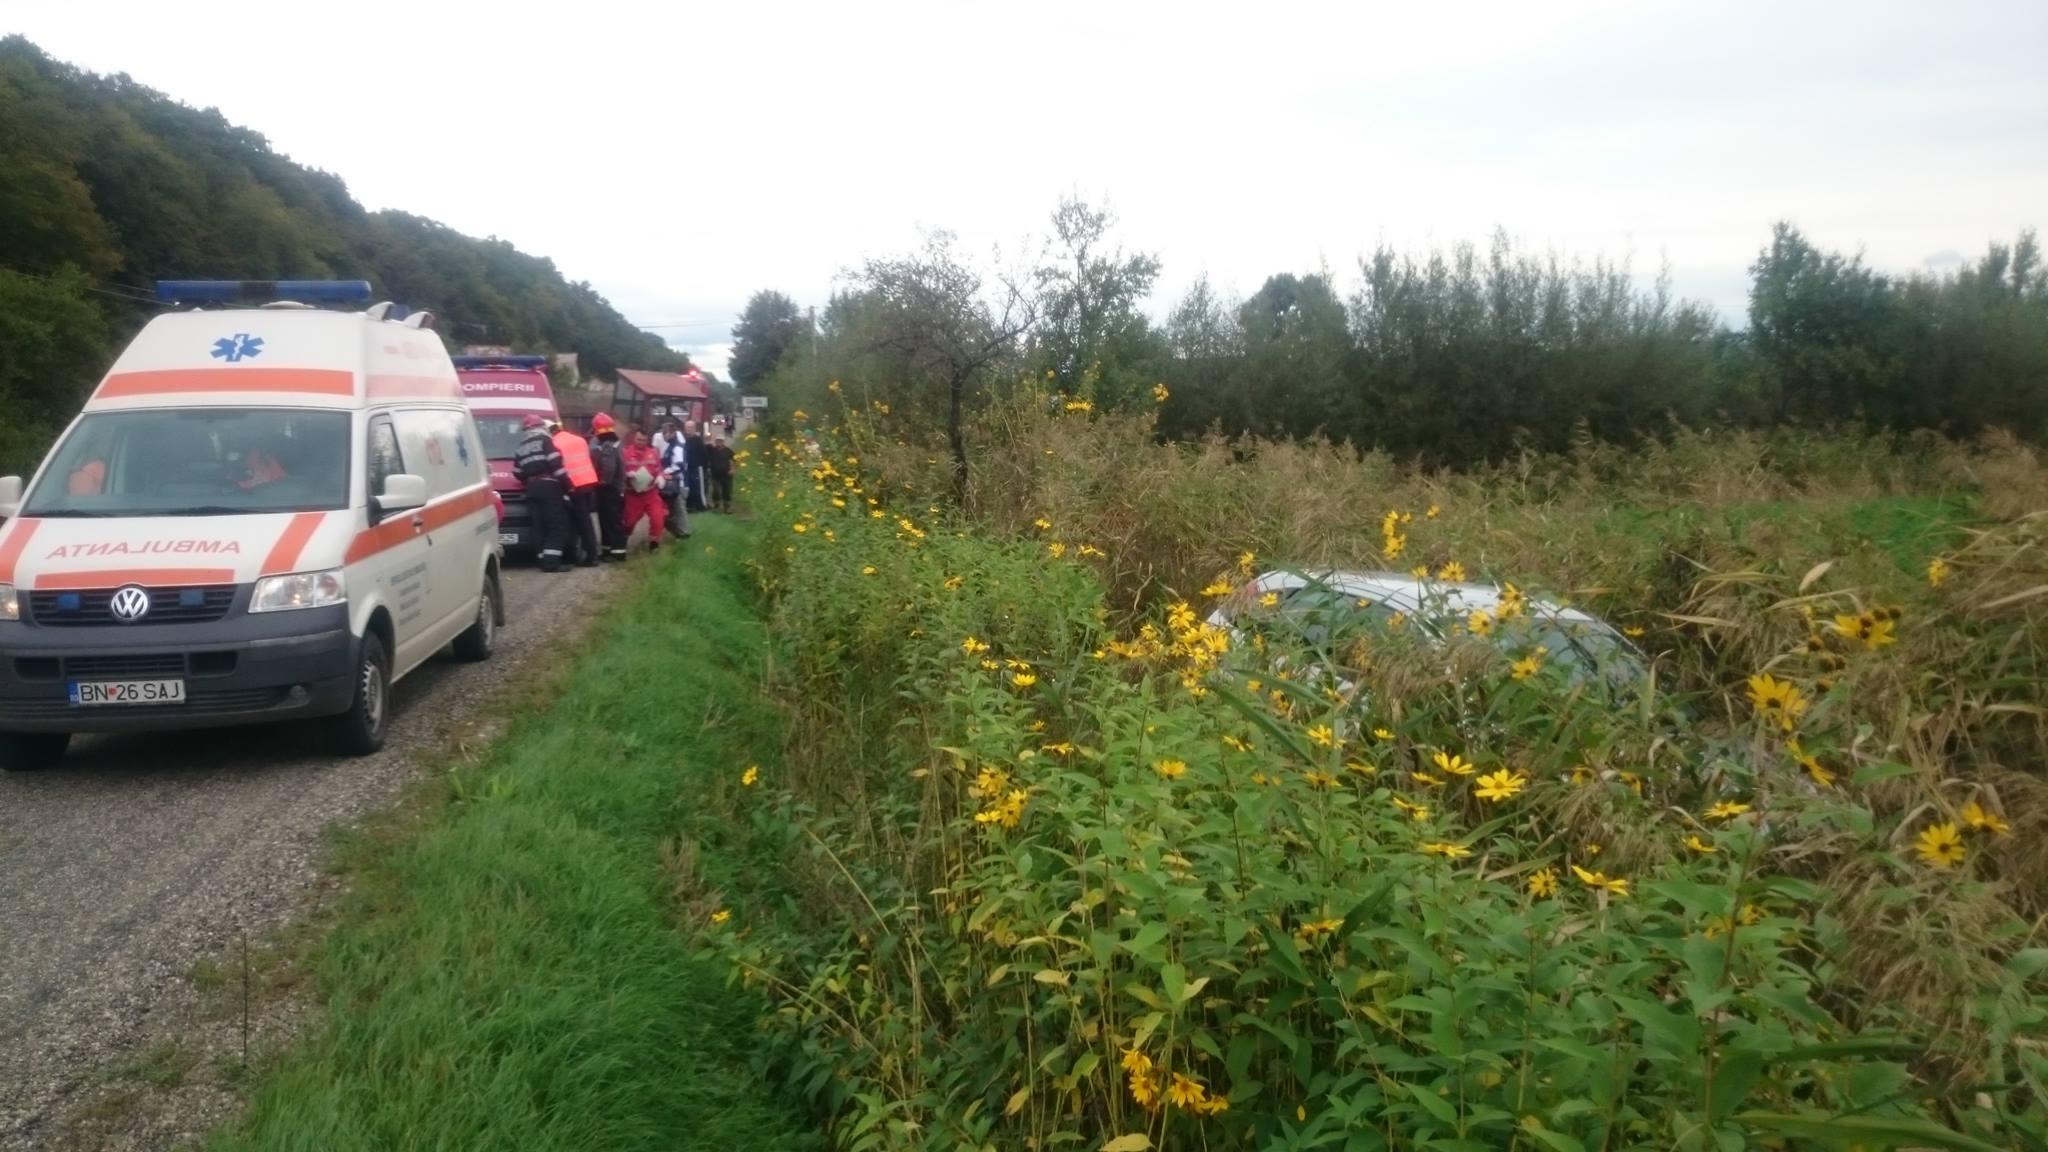 Accident GRAV! Două femei au ajuns la spital, după ce mașina în care se aflau s-a izbit de un tractor – FOTO